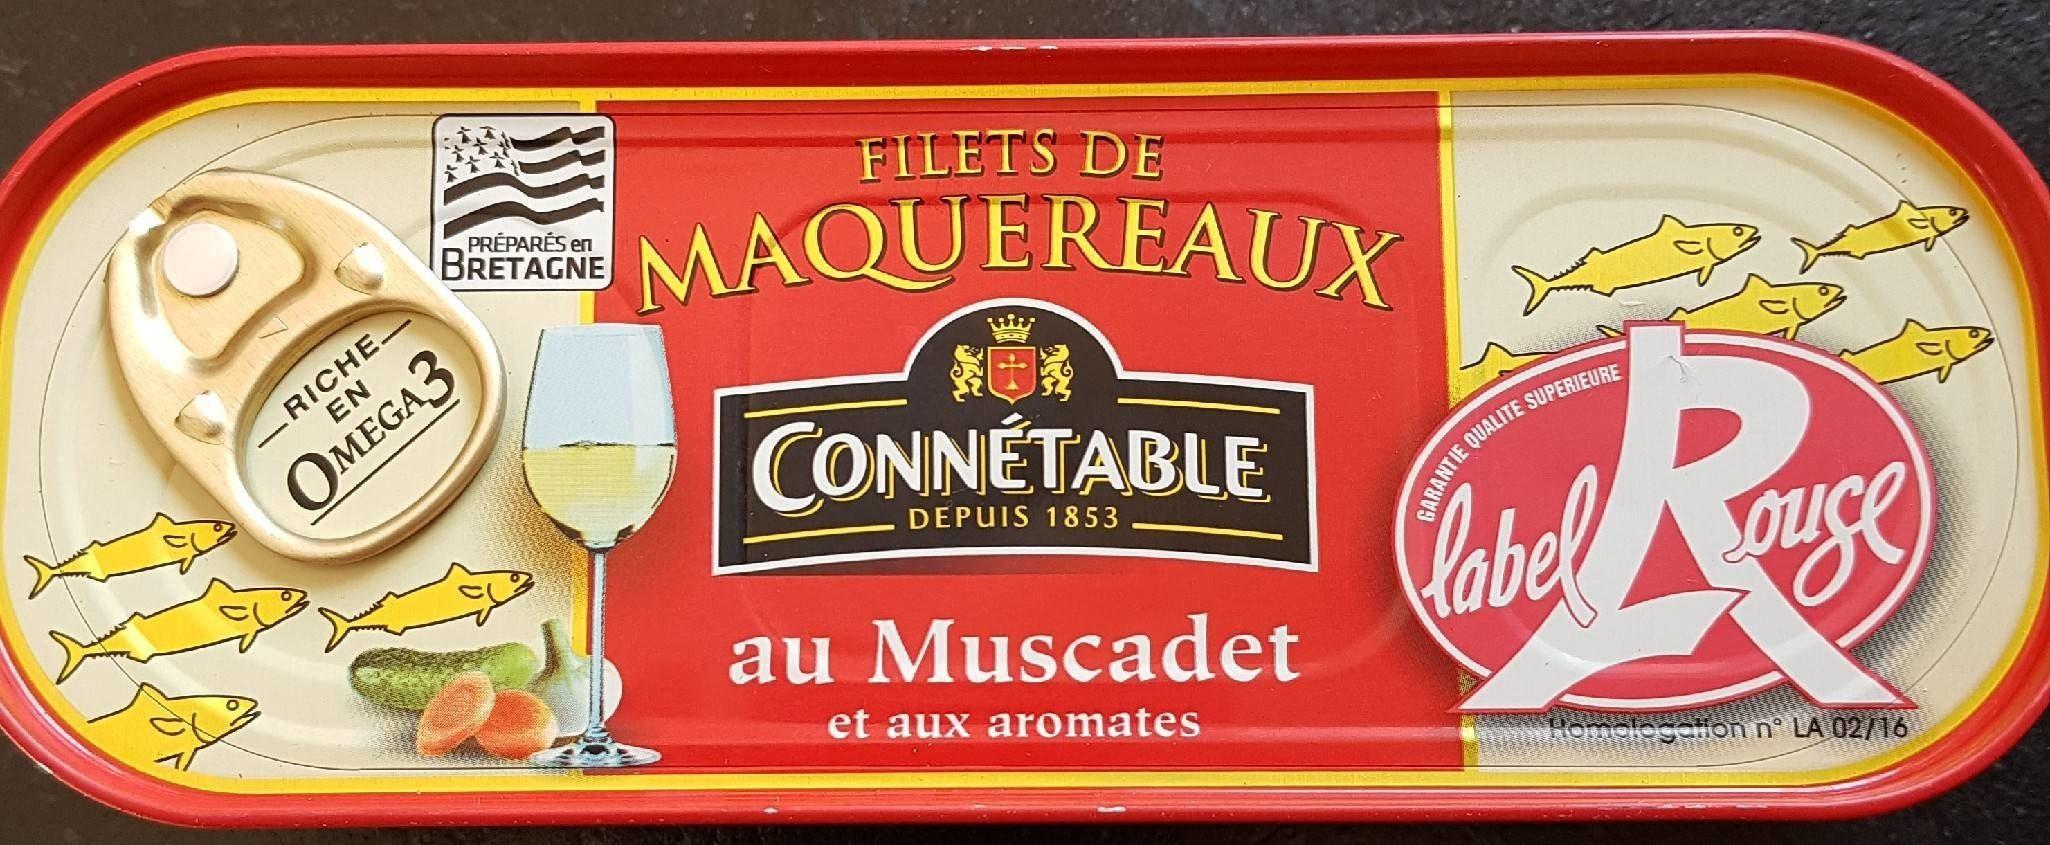 Filets de maquereaux - Produit - fr